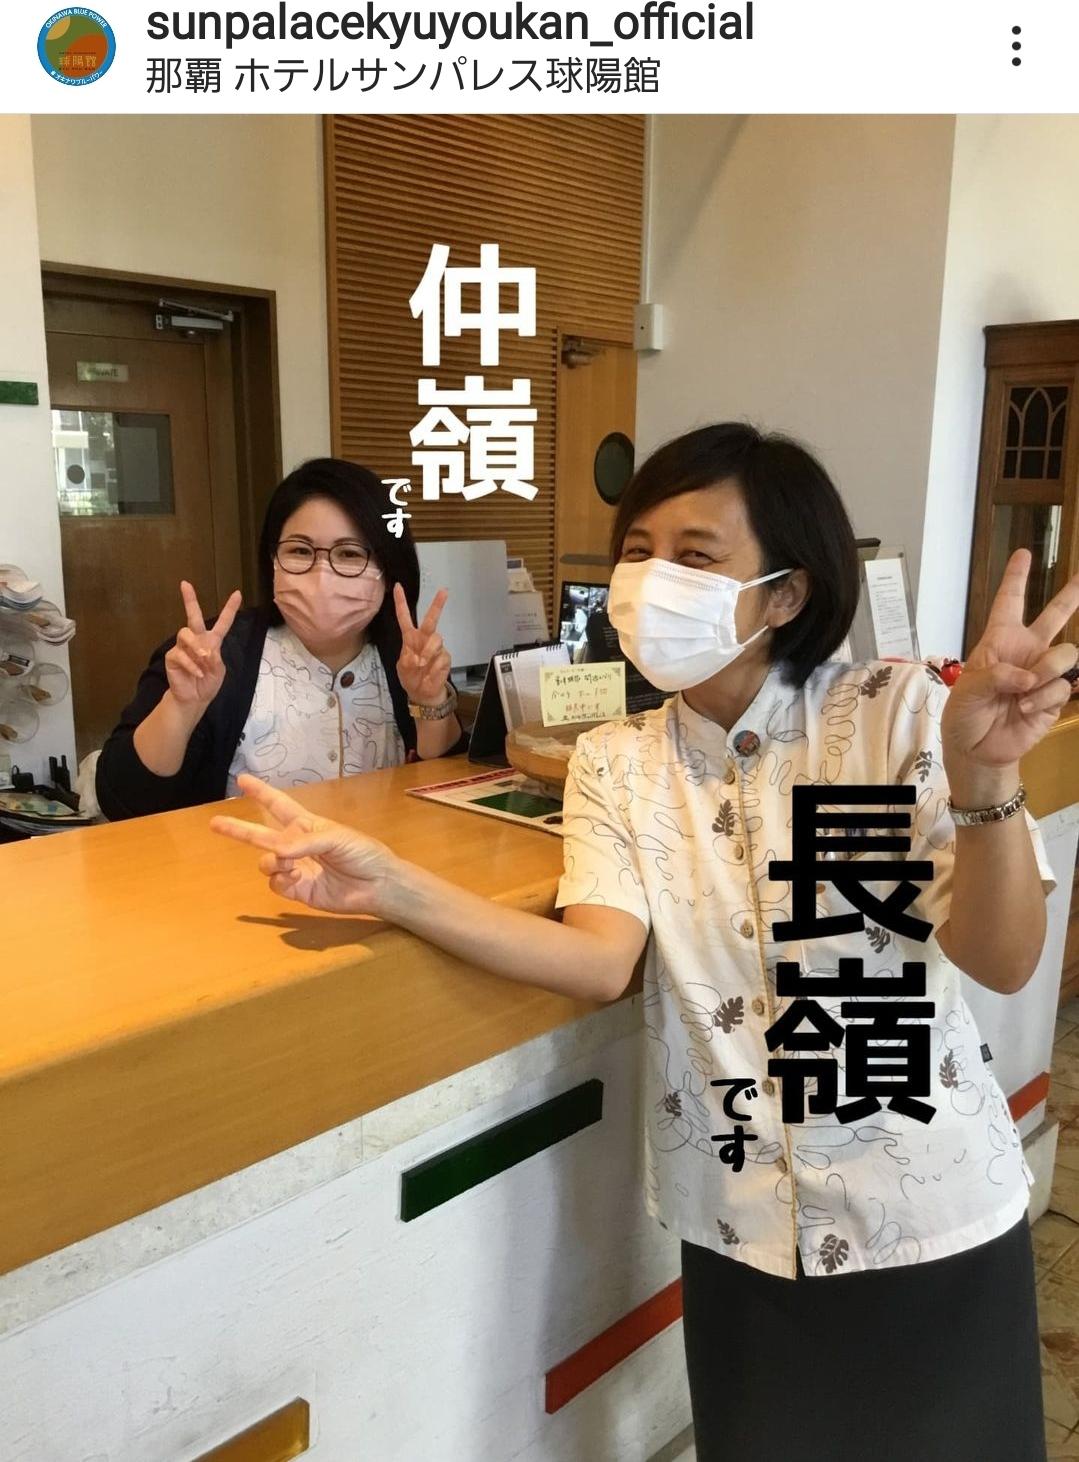 10月17日は「沖縄そばの日」♪~「そば」と「スタッフ」に歴史あり~